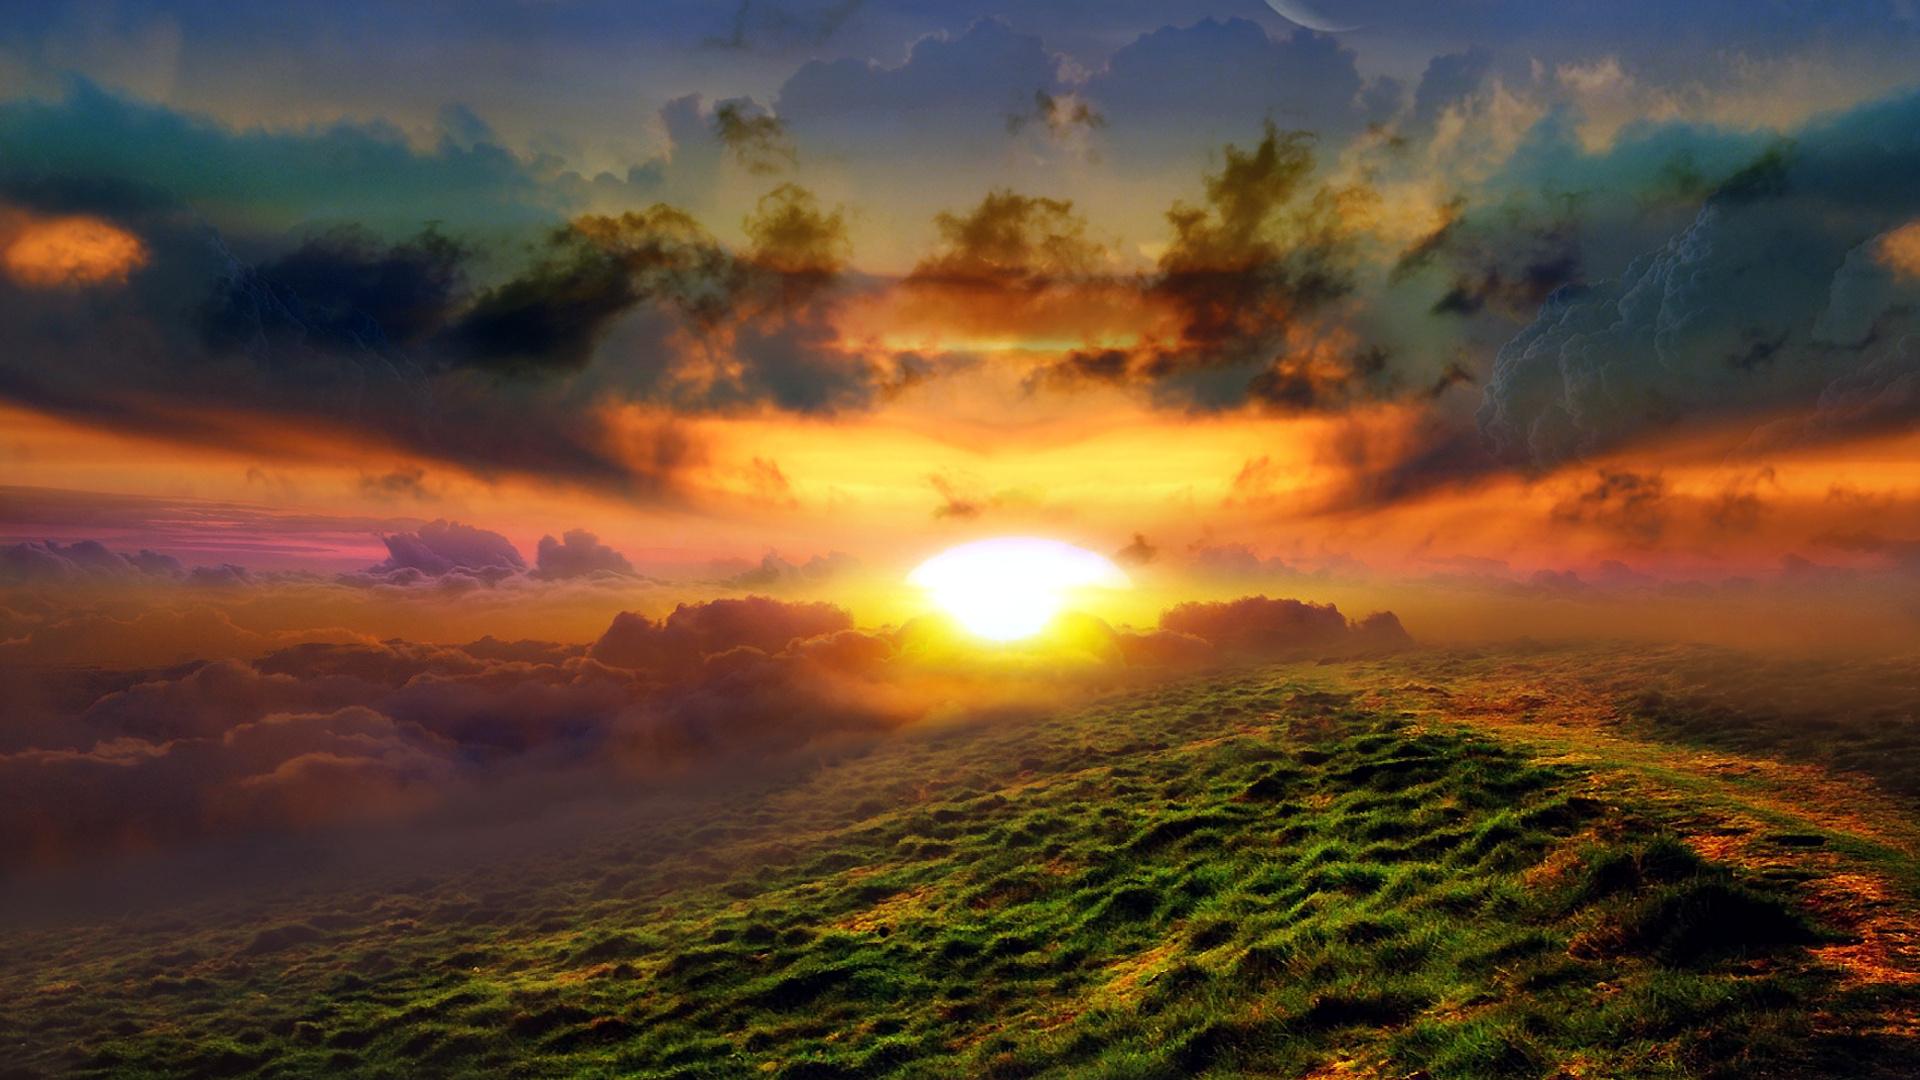 Sfondi hd tramonto sfondi hd gratis for Sfondi spiagge hd